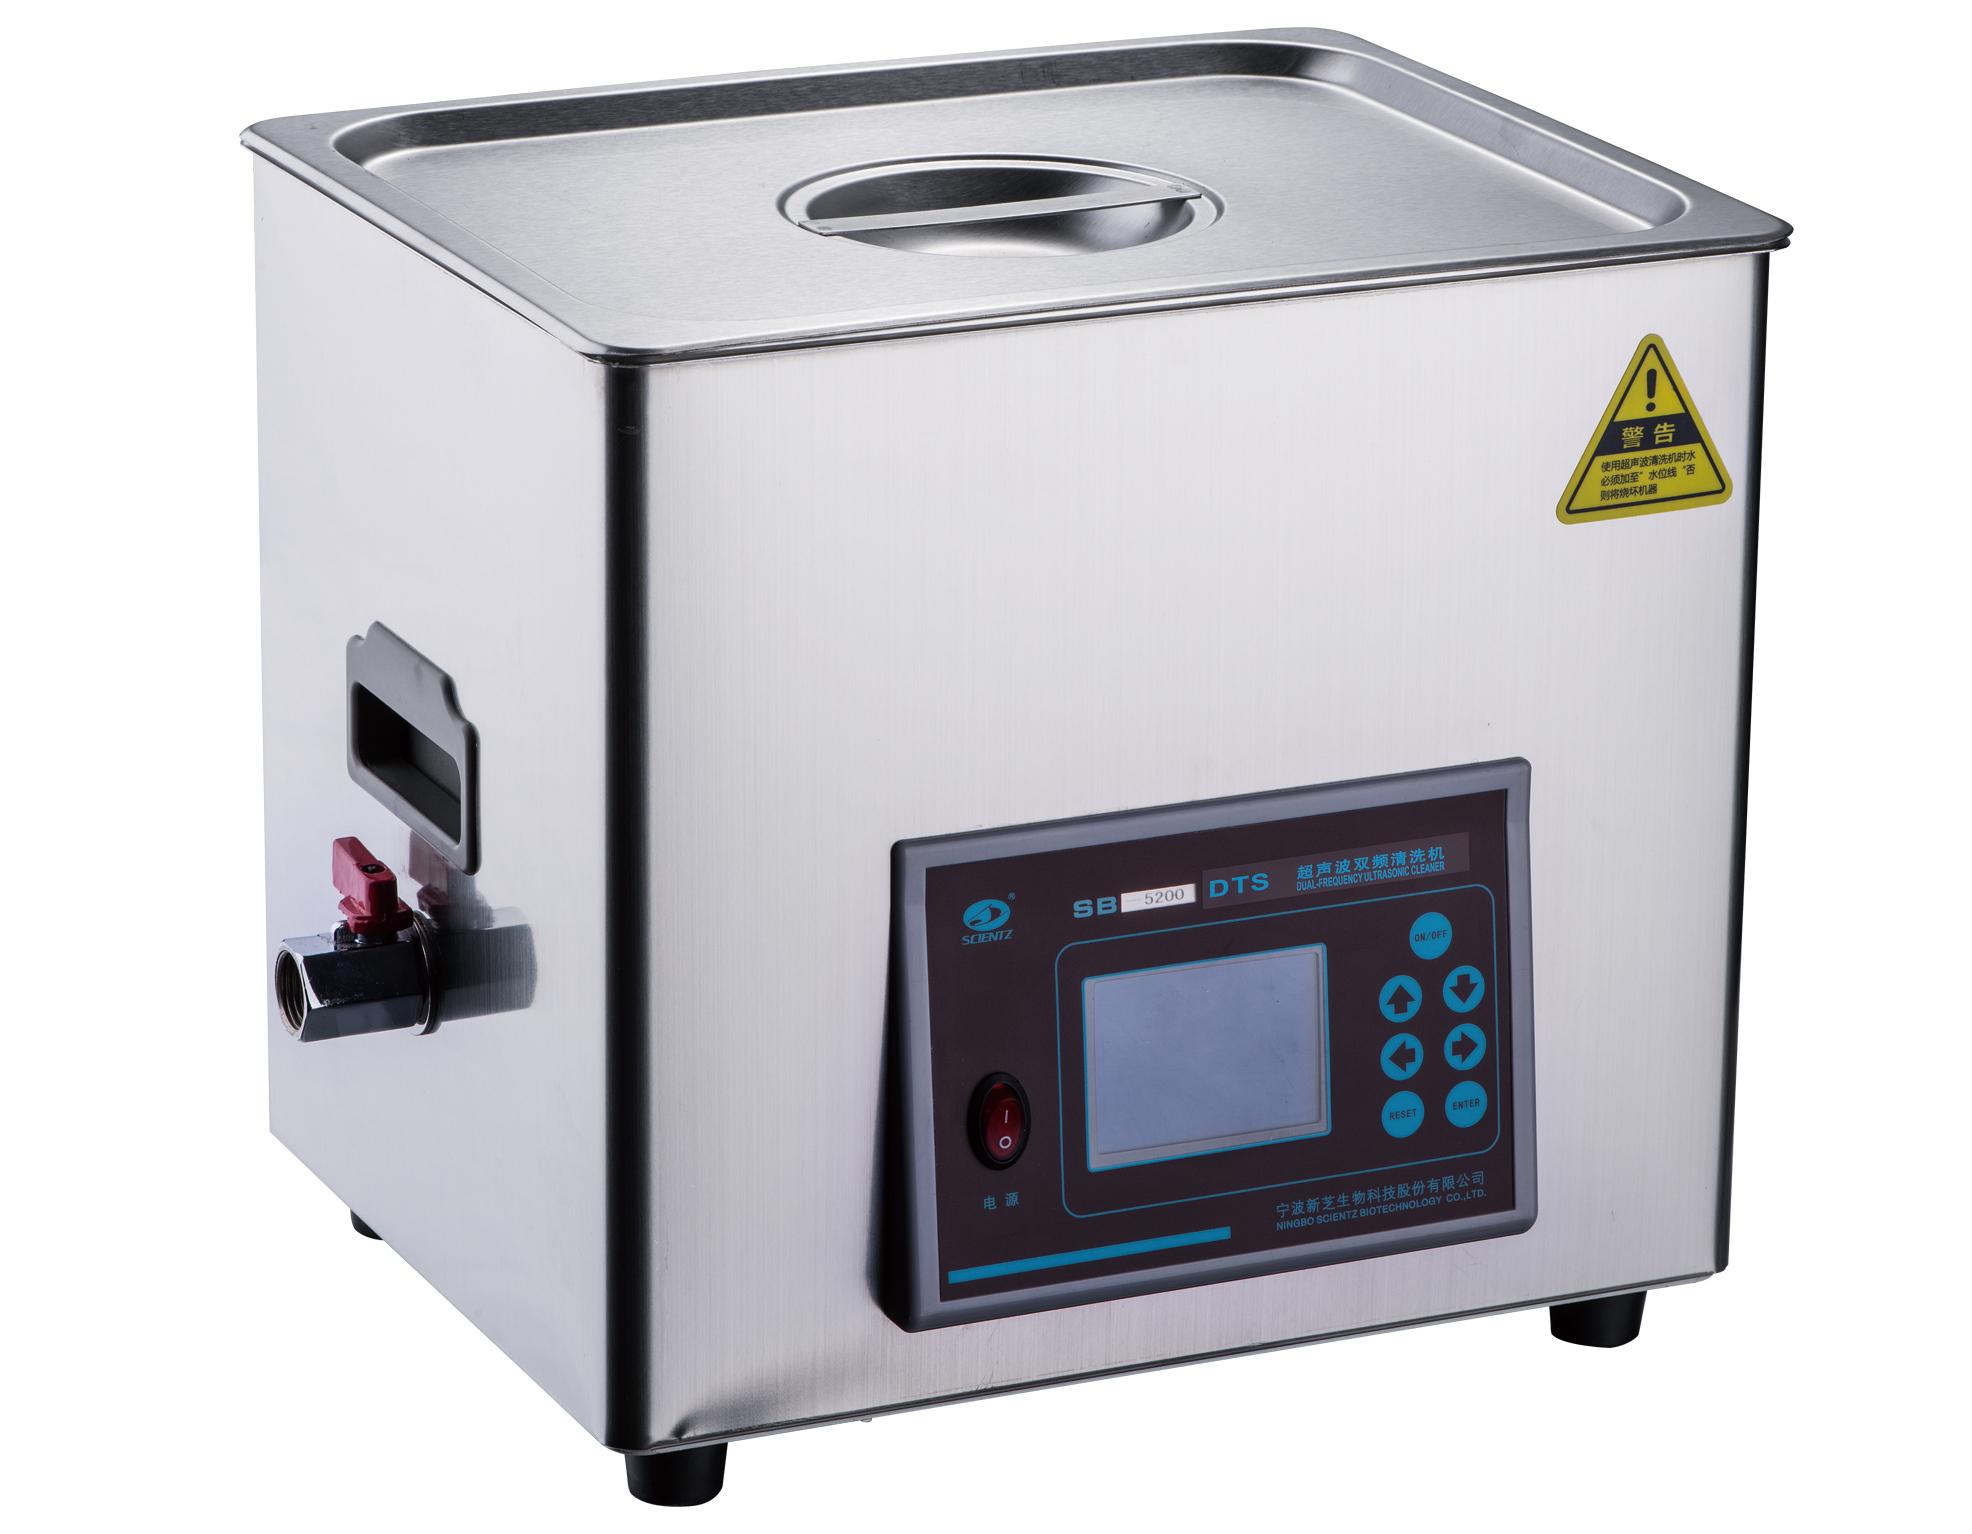 DTS系列双频型超声波清洗机